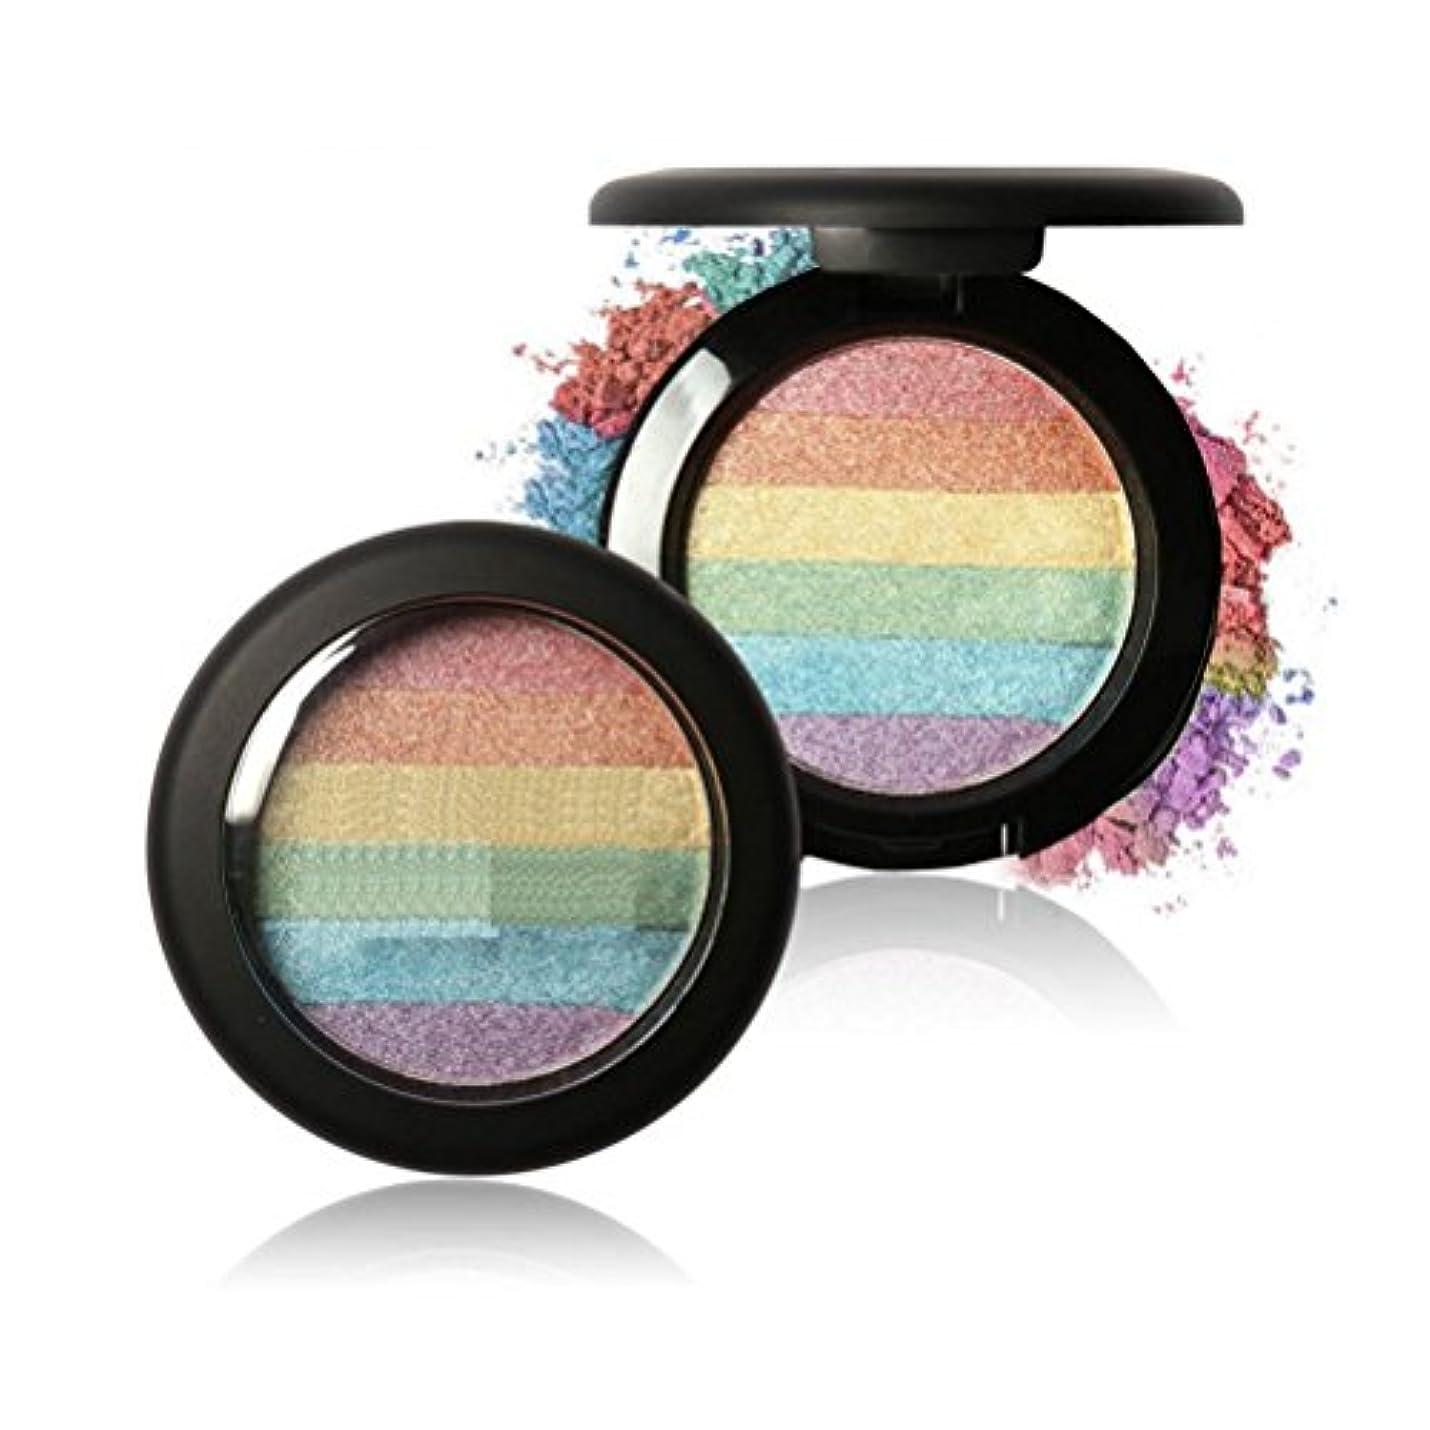 尊敬する匹敵します添付MakeupAcc 人気!虹ハイライトパウダー ラメアイシャドウ ミネラルパウダー チーク アートデザイン ハイライト (01) [並行輸入品]